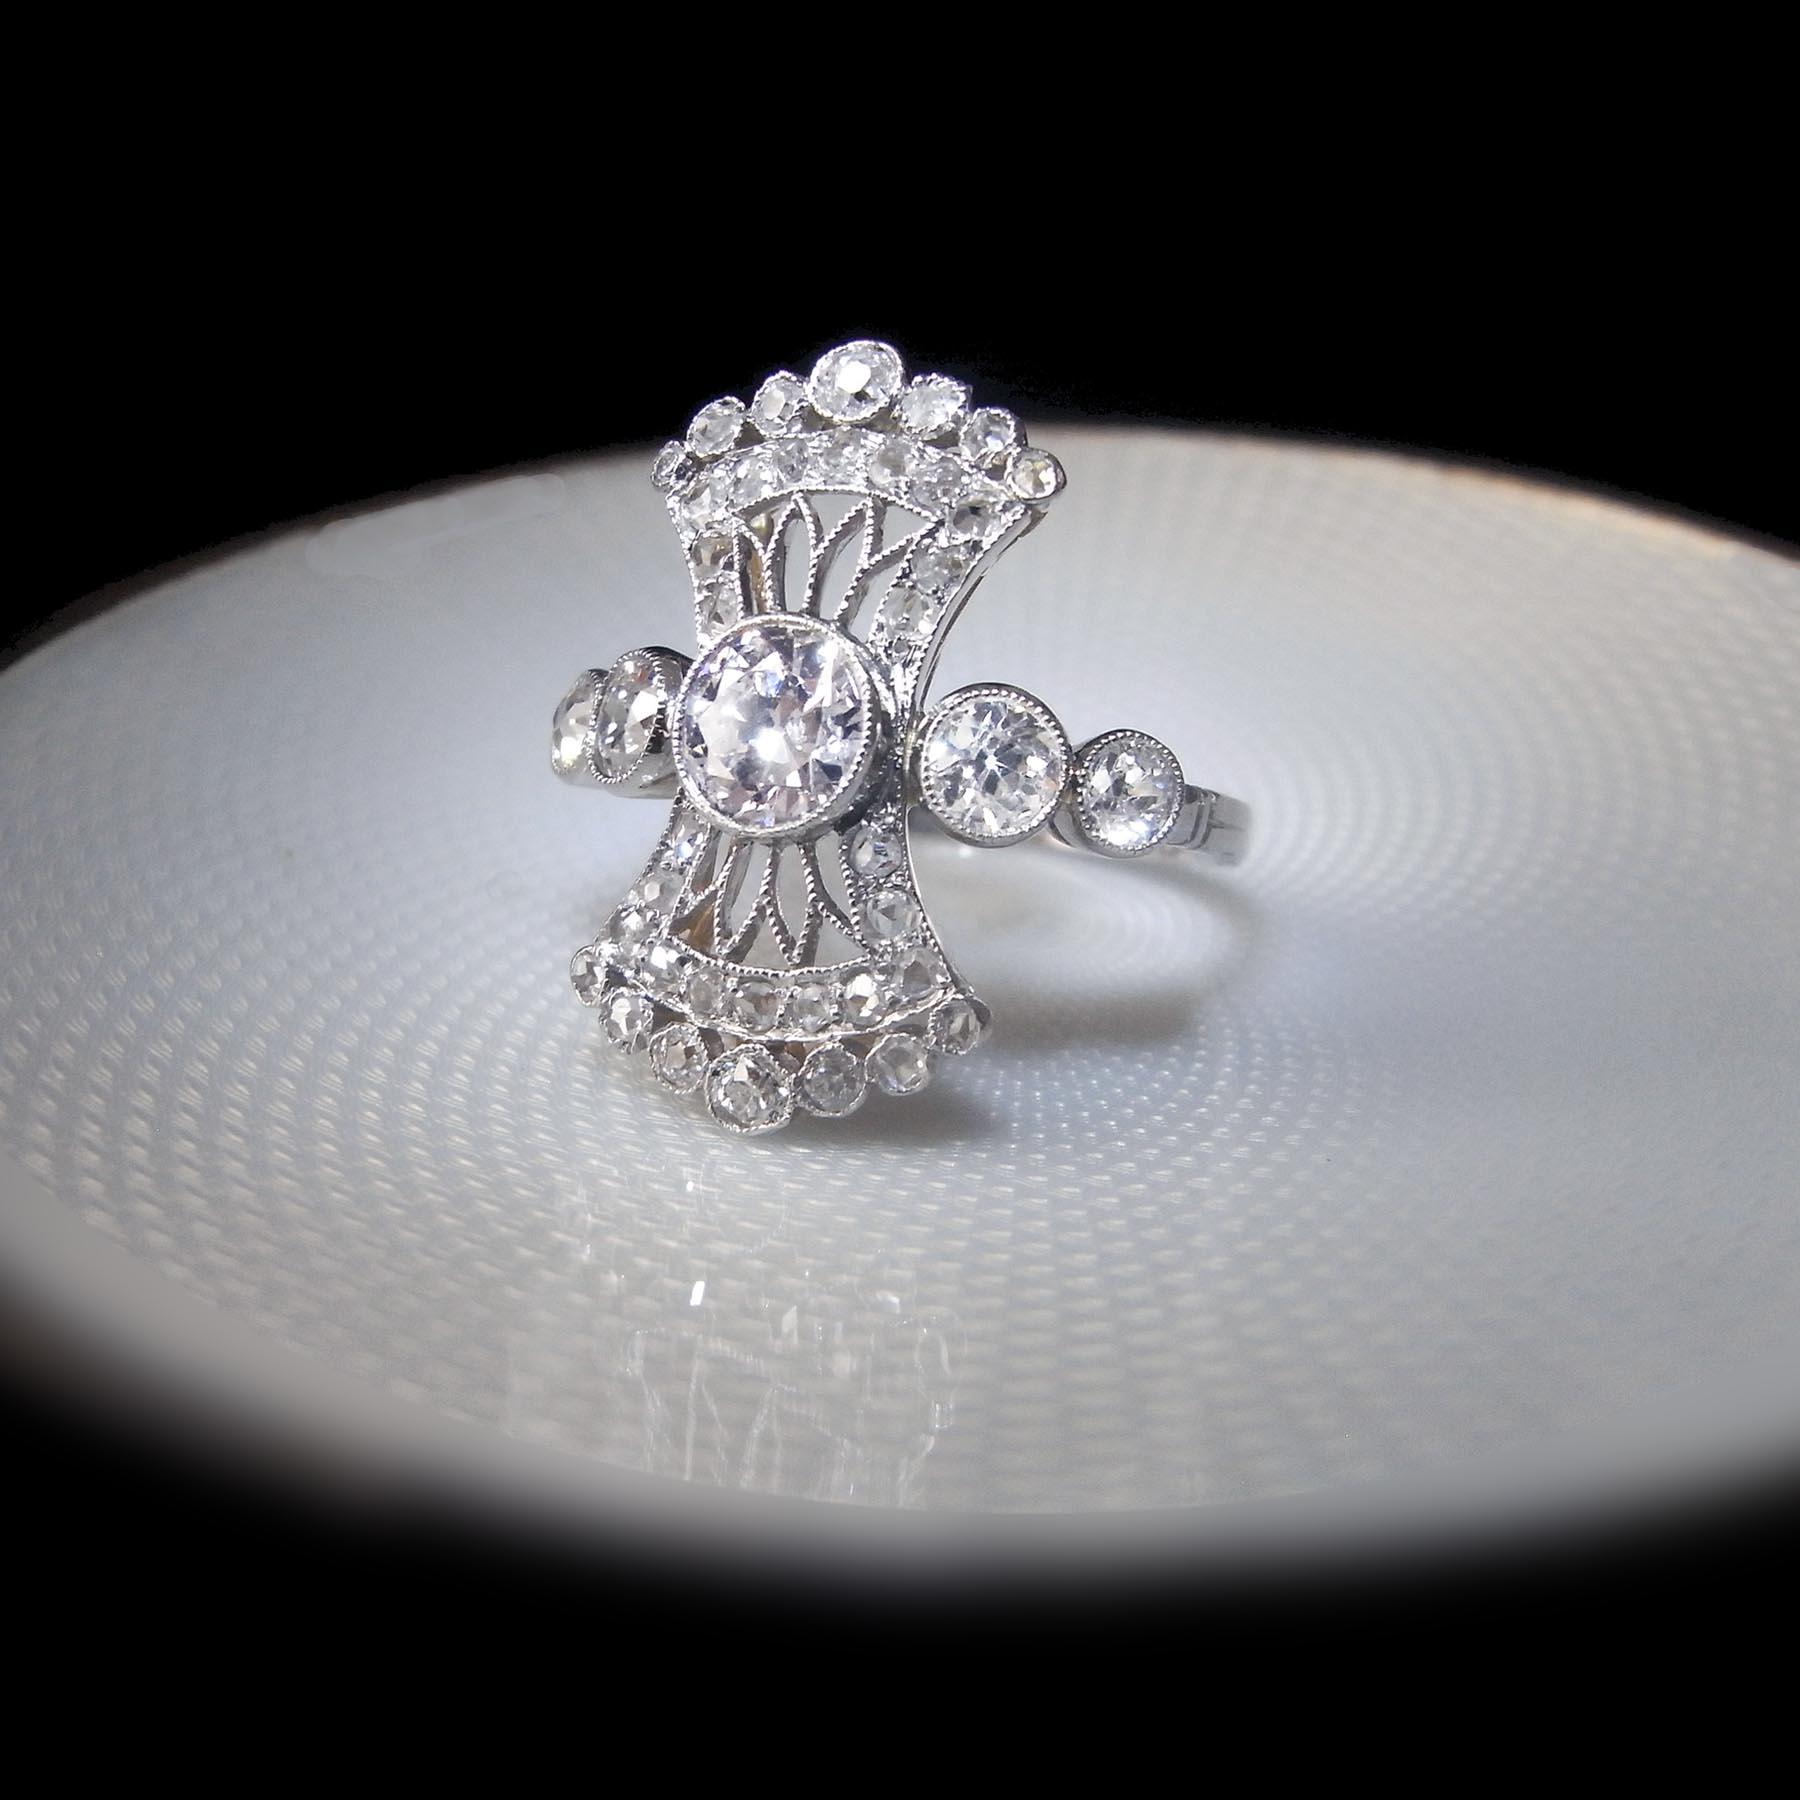 ヴァンクリフ&アーペル ダイヤモンド アンティークリング